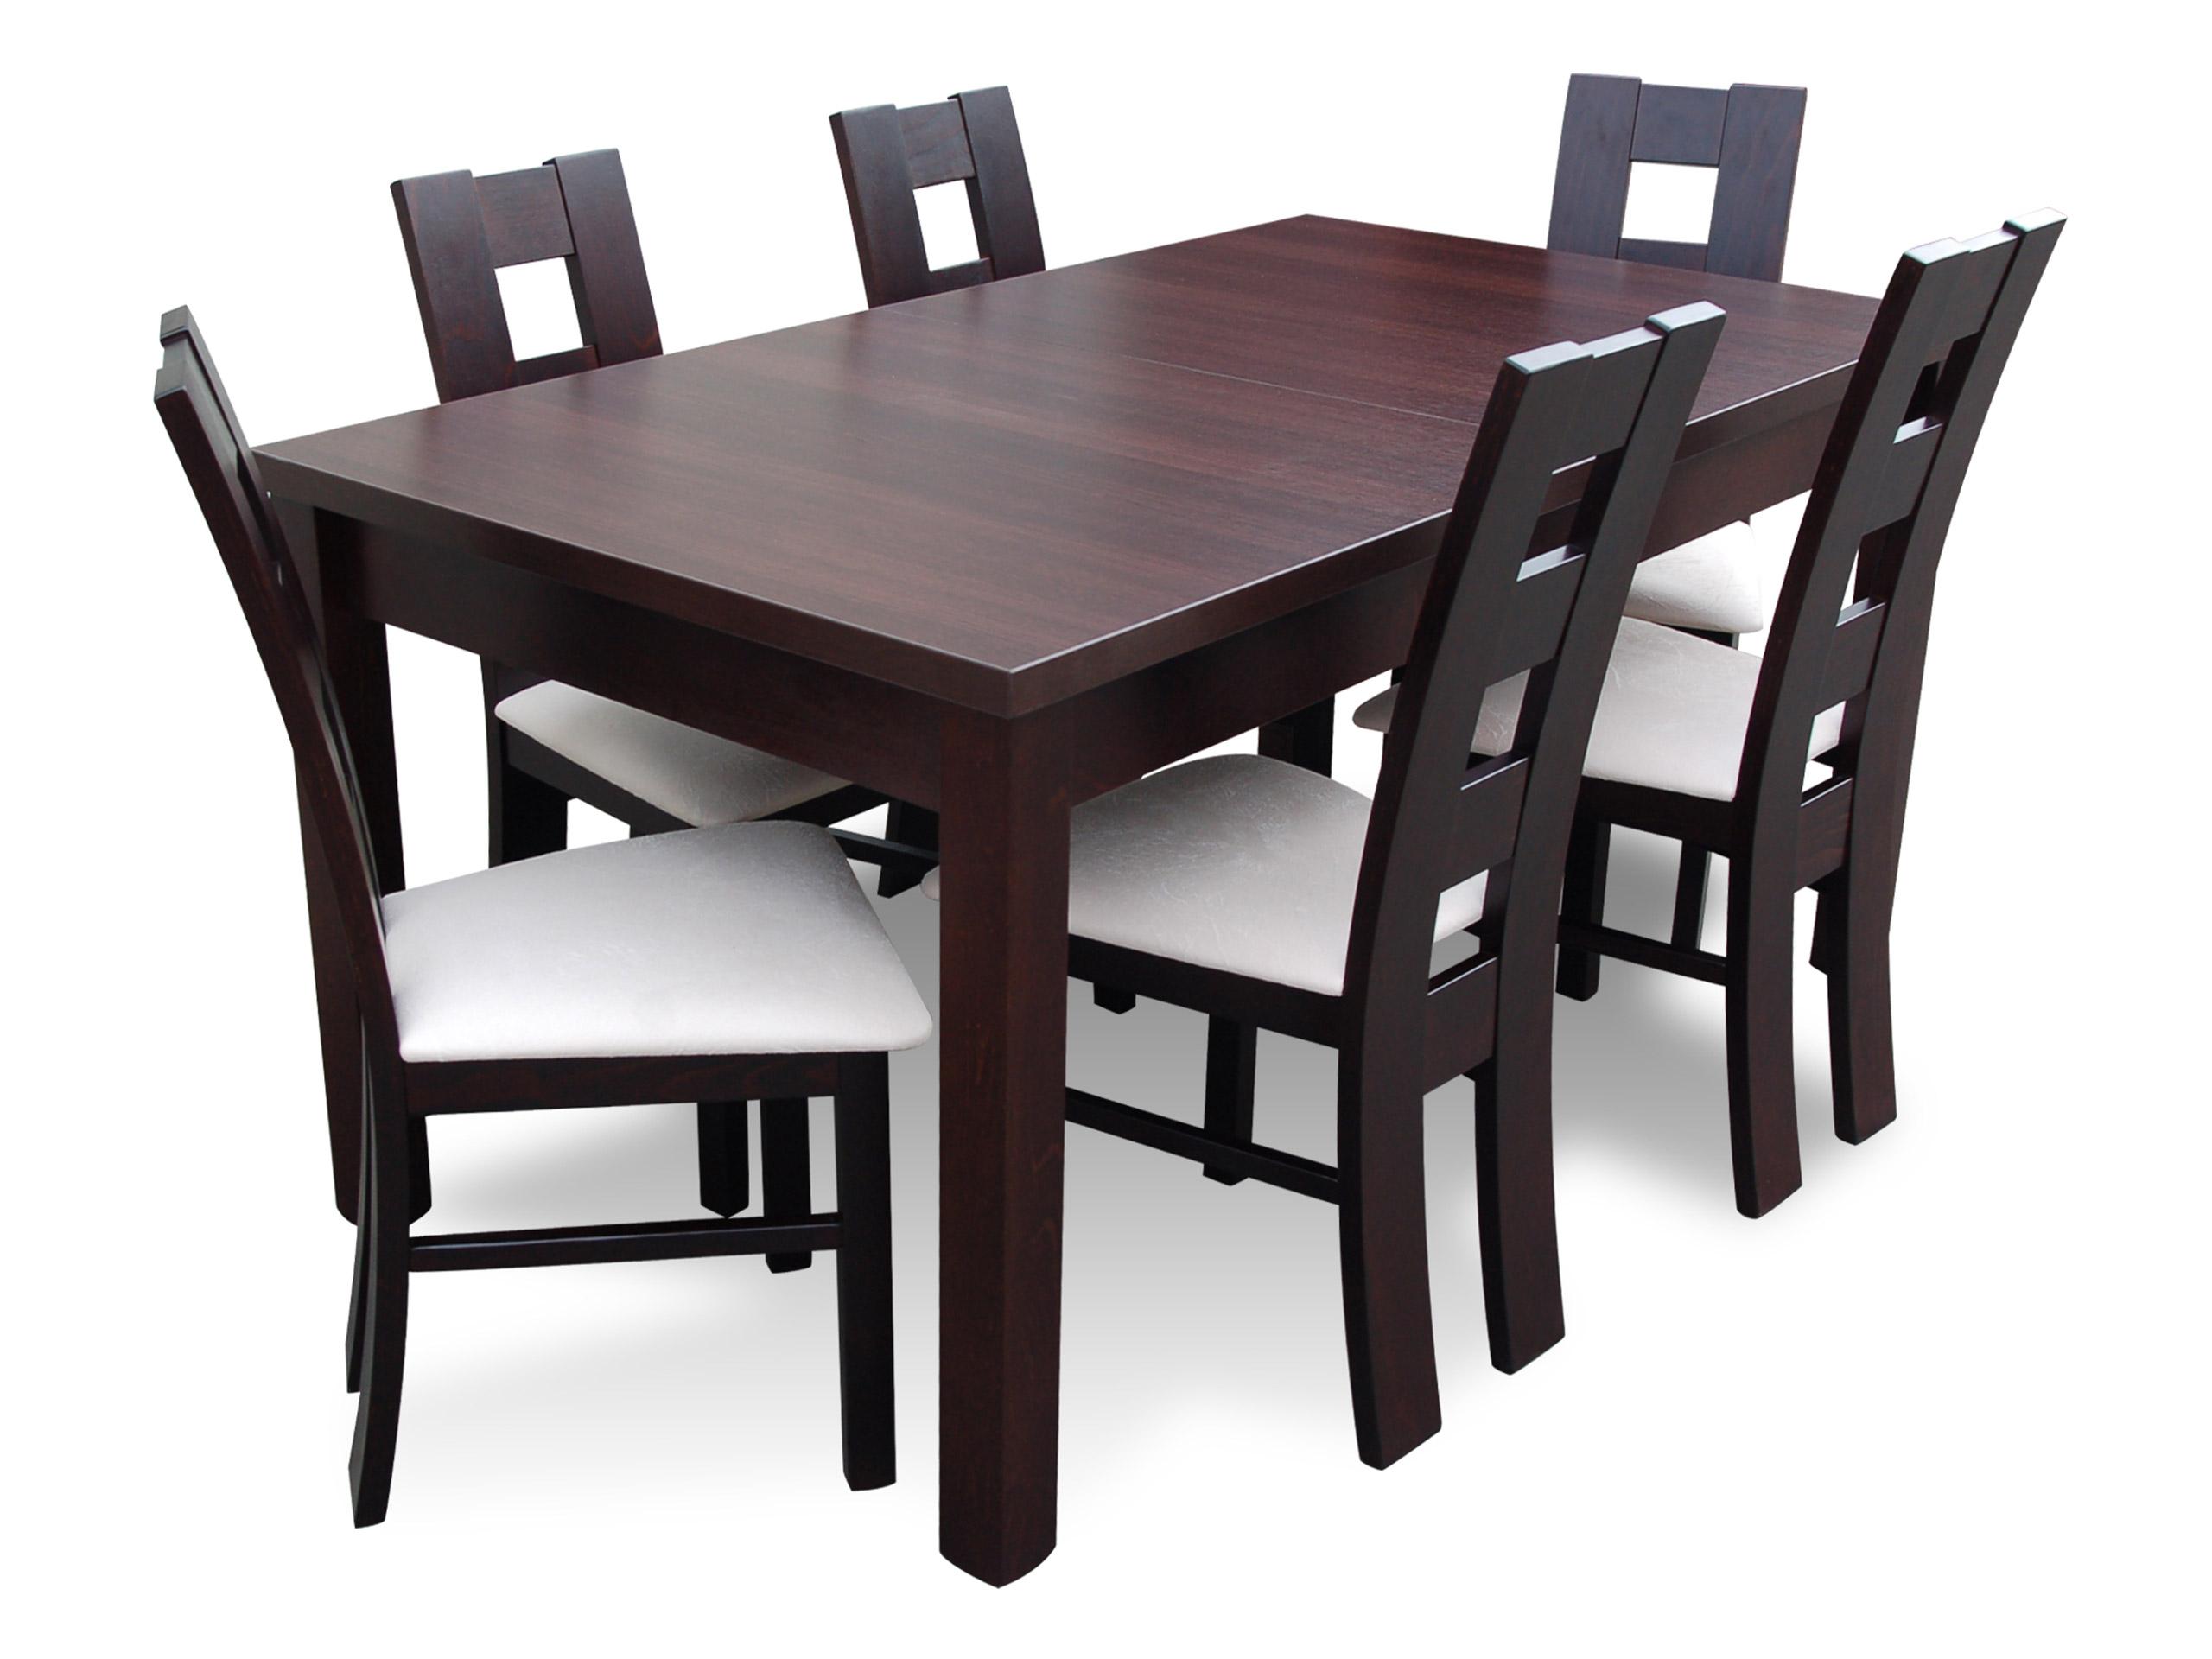 Zestaw Dla 6 Osób Do Jadalni Rb05 Stół Krzesła 7391945447